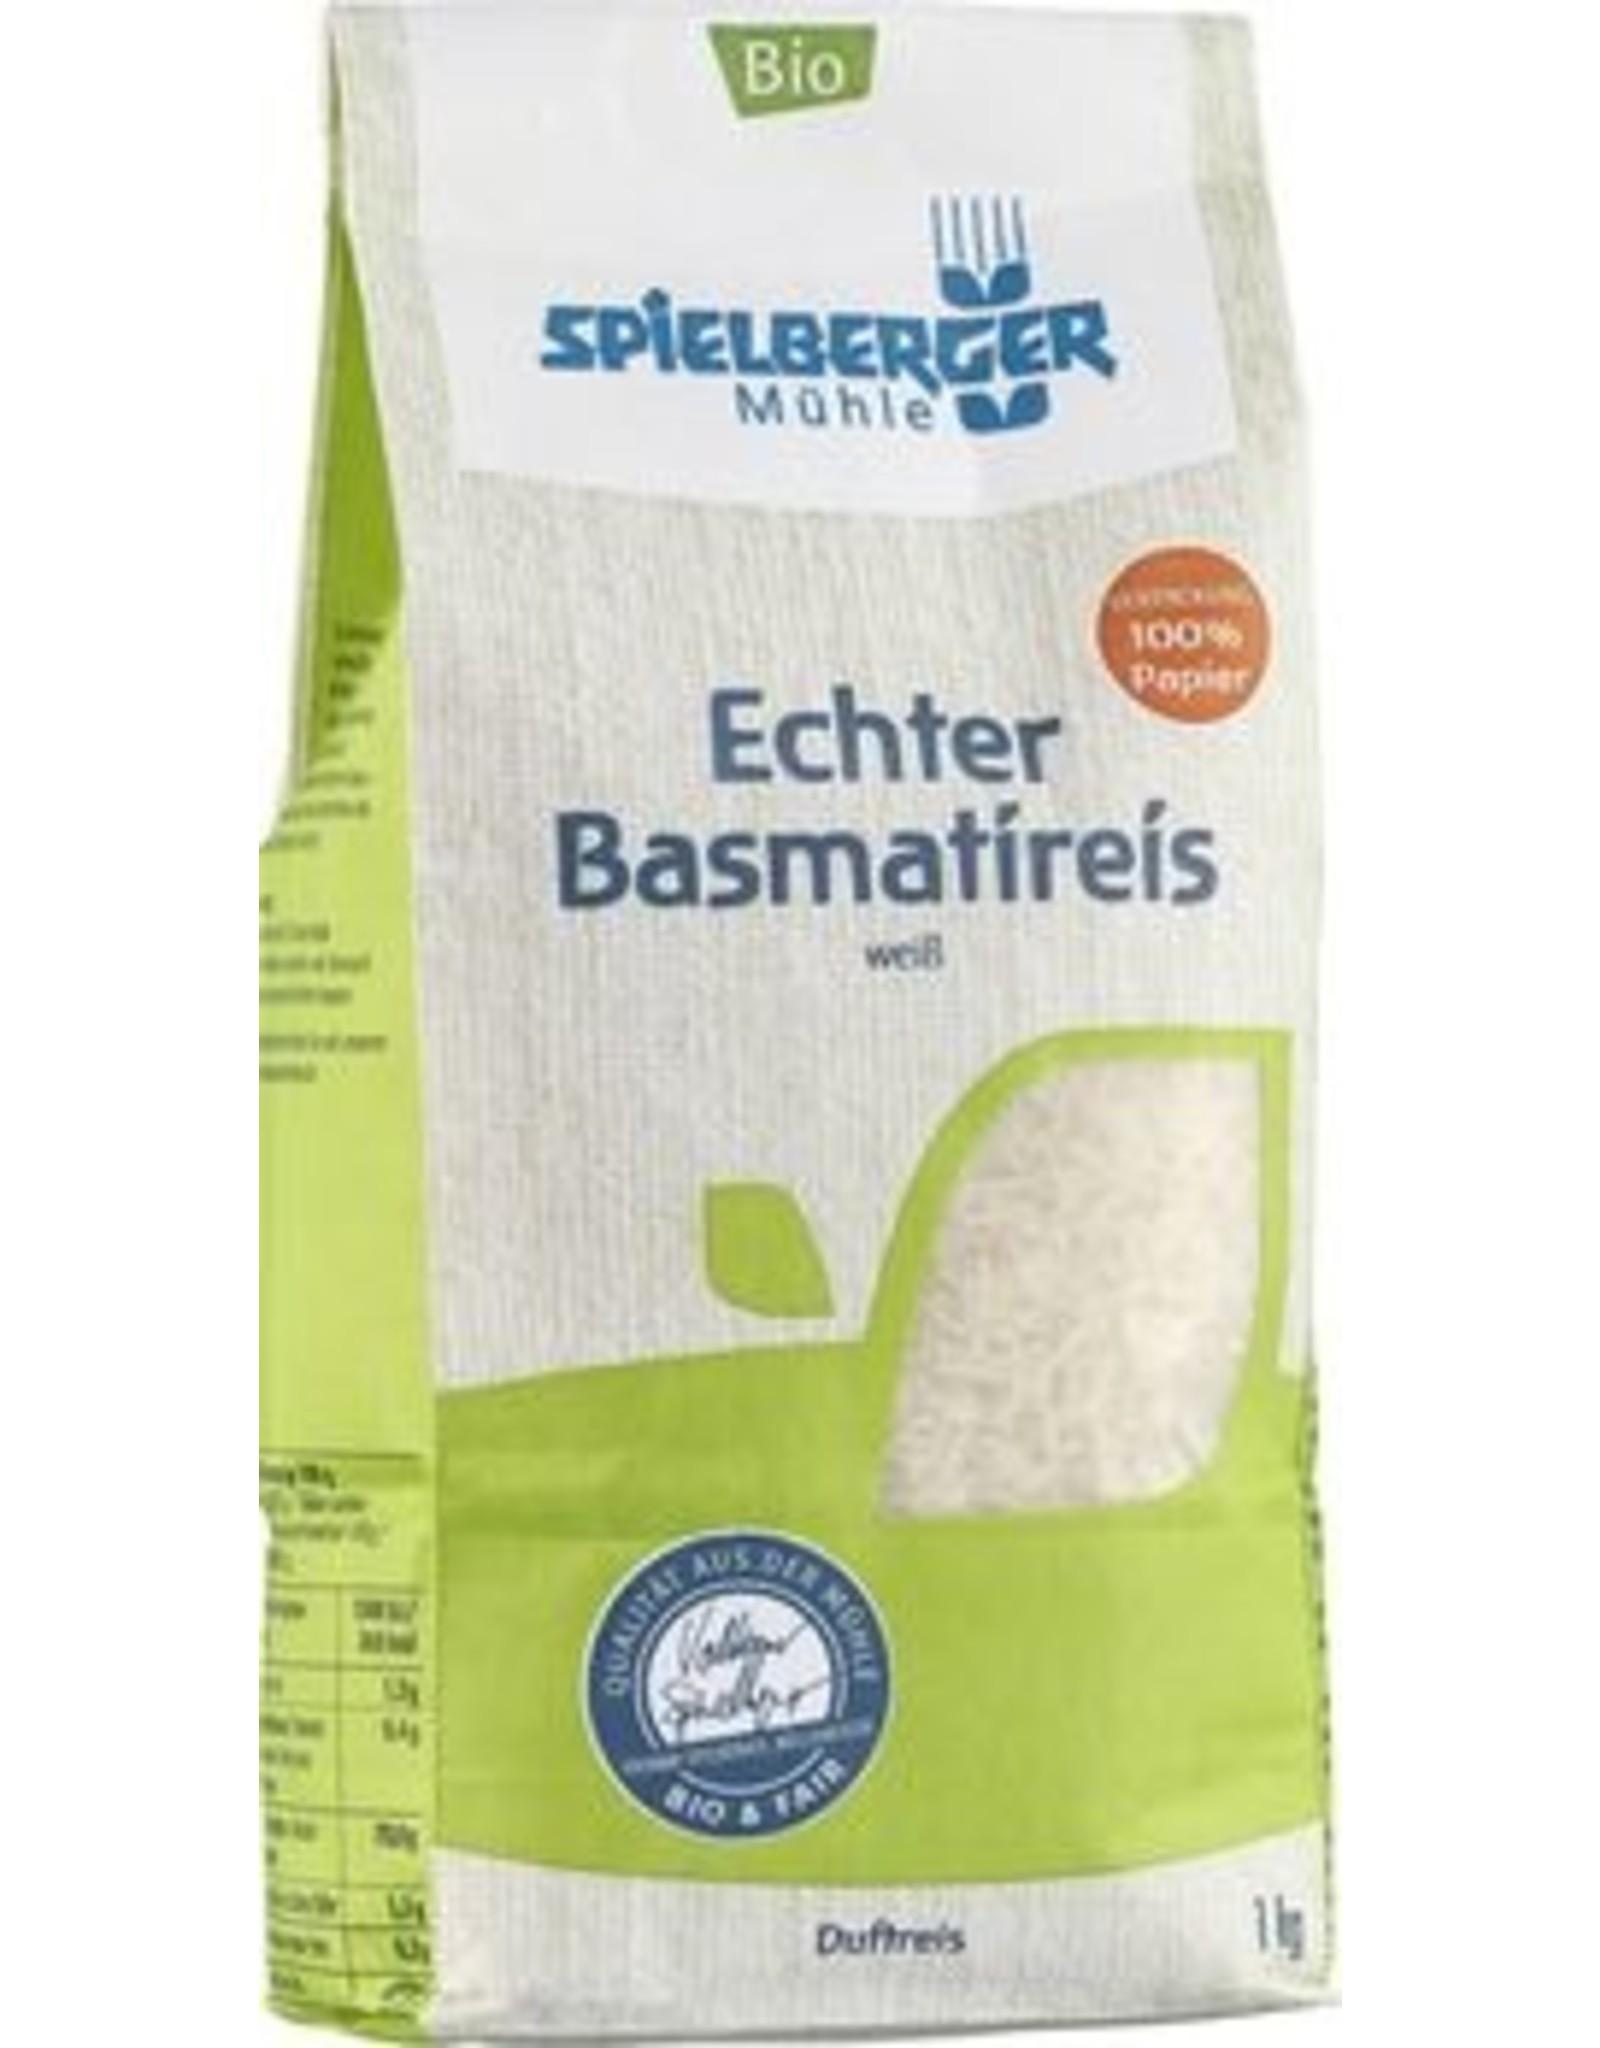 SPIELBERGER Basmatireis, weiß, kbA 1kg